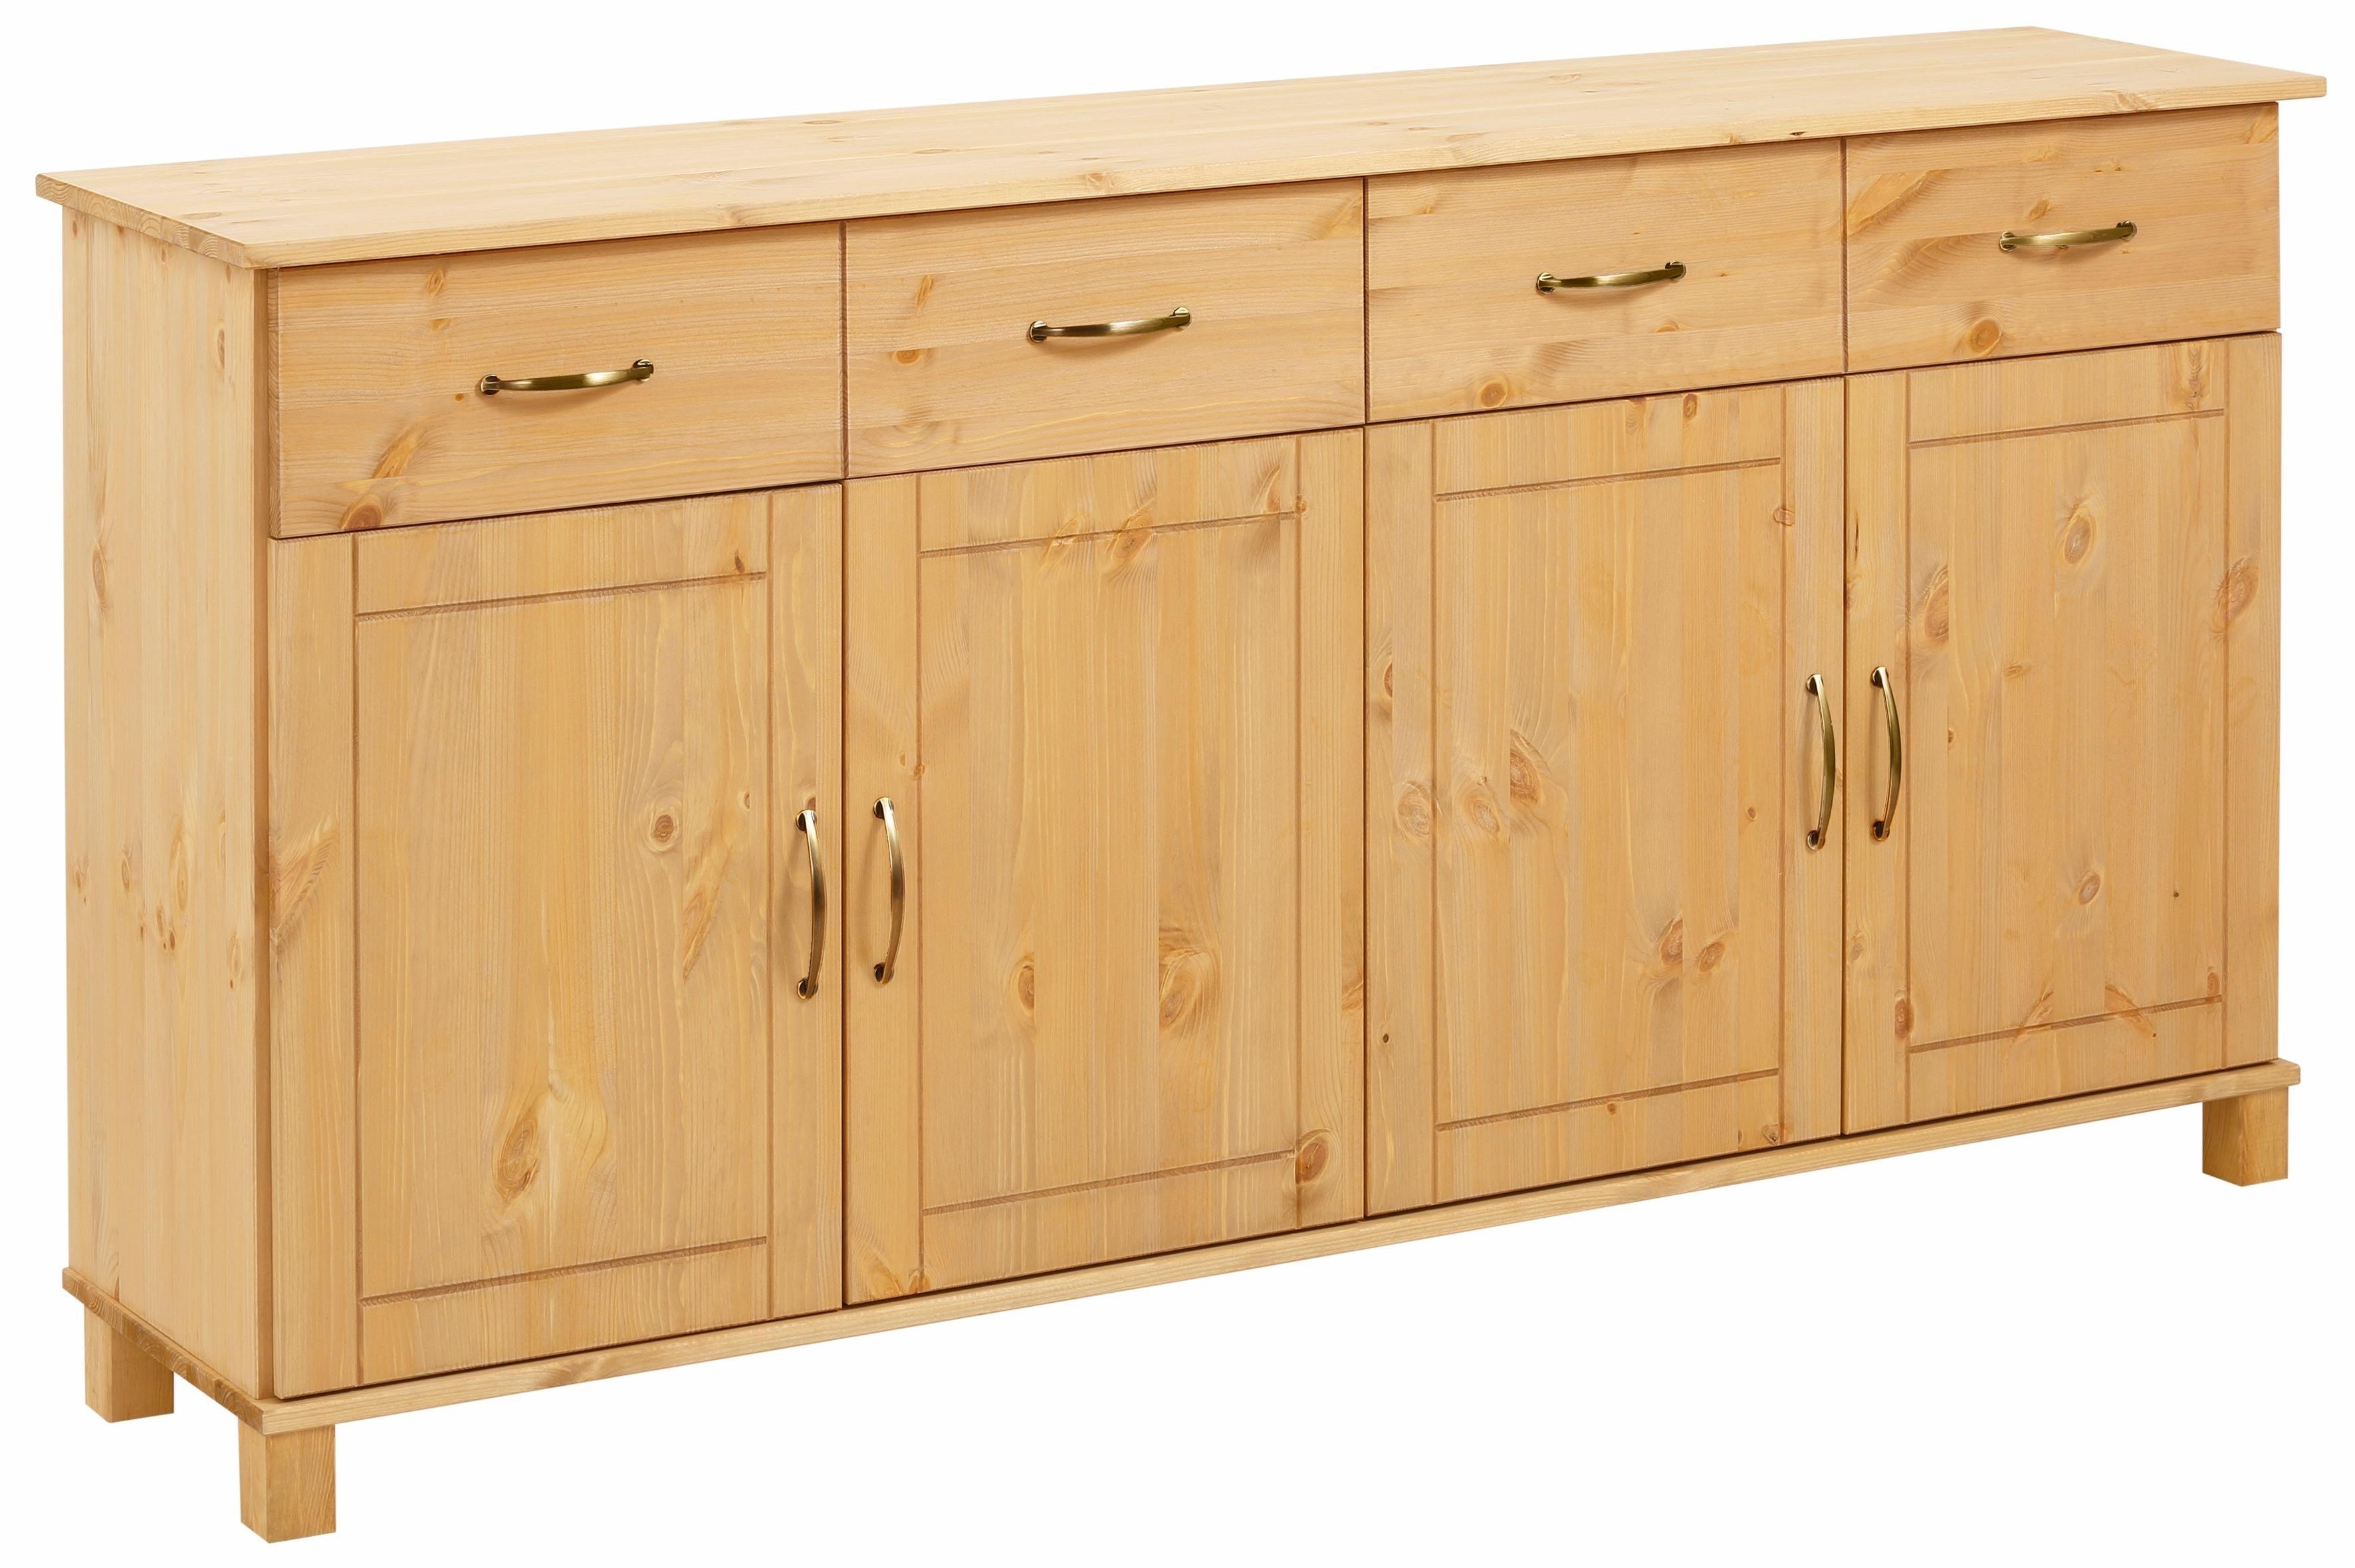 home affaire sideboard pivo breedte 156 cm online shop. Black Bedroom Furniture Sets. Home Design Ideas